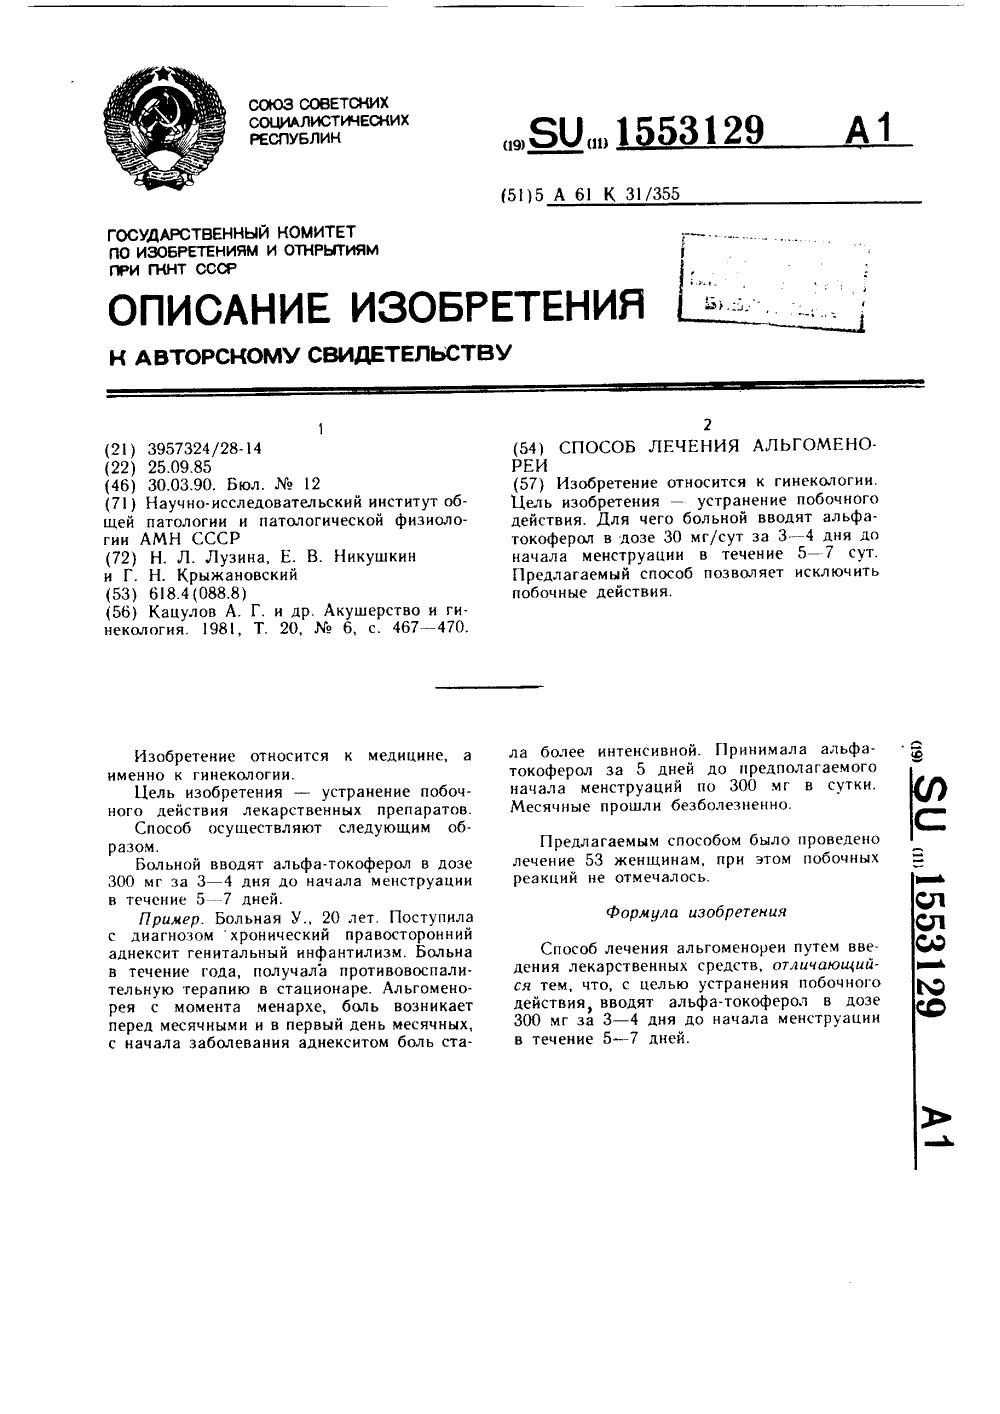 схема лечения сальпингоофорита